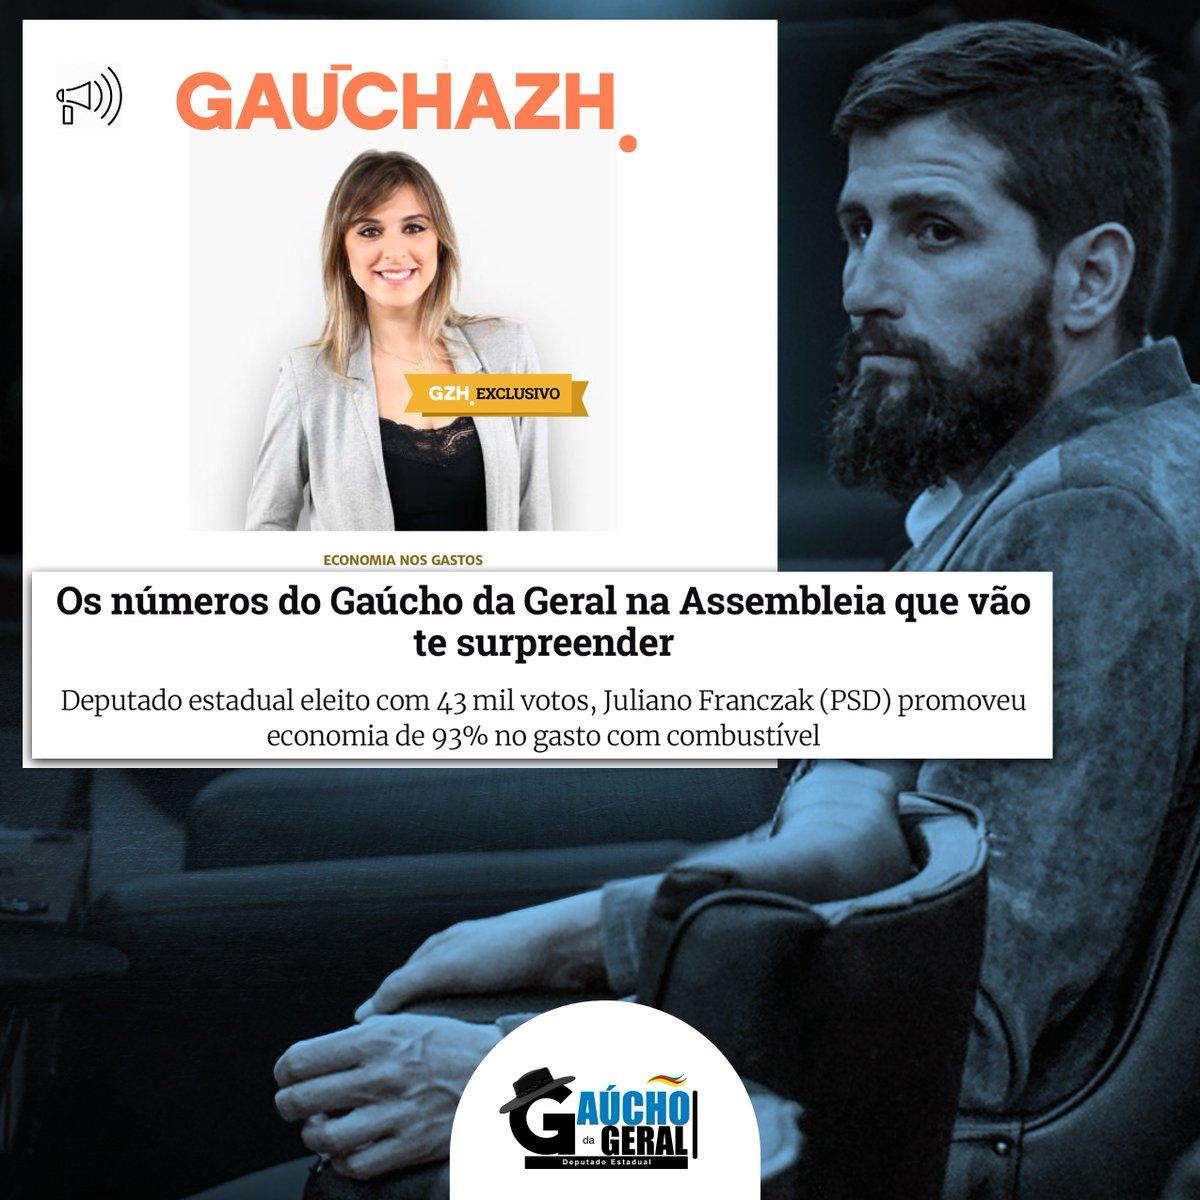 A transparência com o povo gaúcho e a economia do dinheiro público do meu mandato foram destaque no @GauchaZH desta quinta-feira.  Leia mais clicando aqui: https://t.co/ZwgWgEQ6Tp  #GaúchodaGeral #GaúchodoRS https://t.co/xfWHo7QwL8